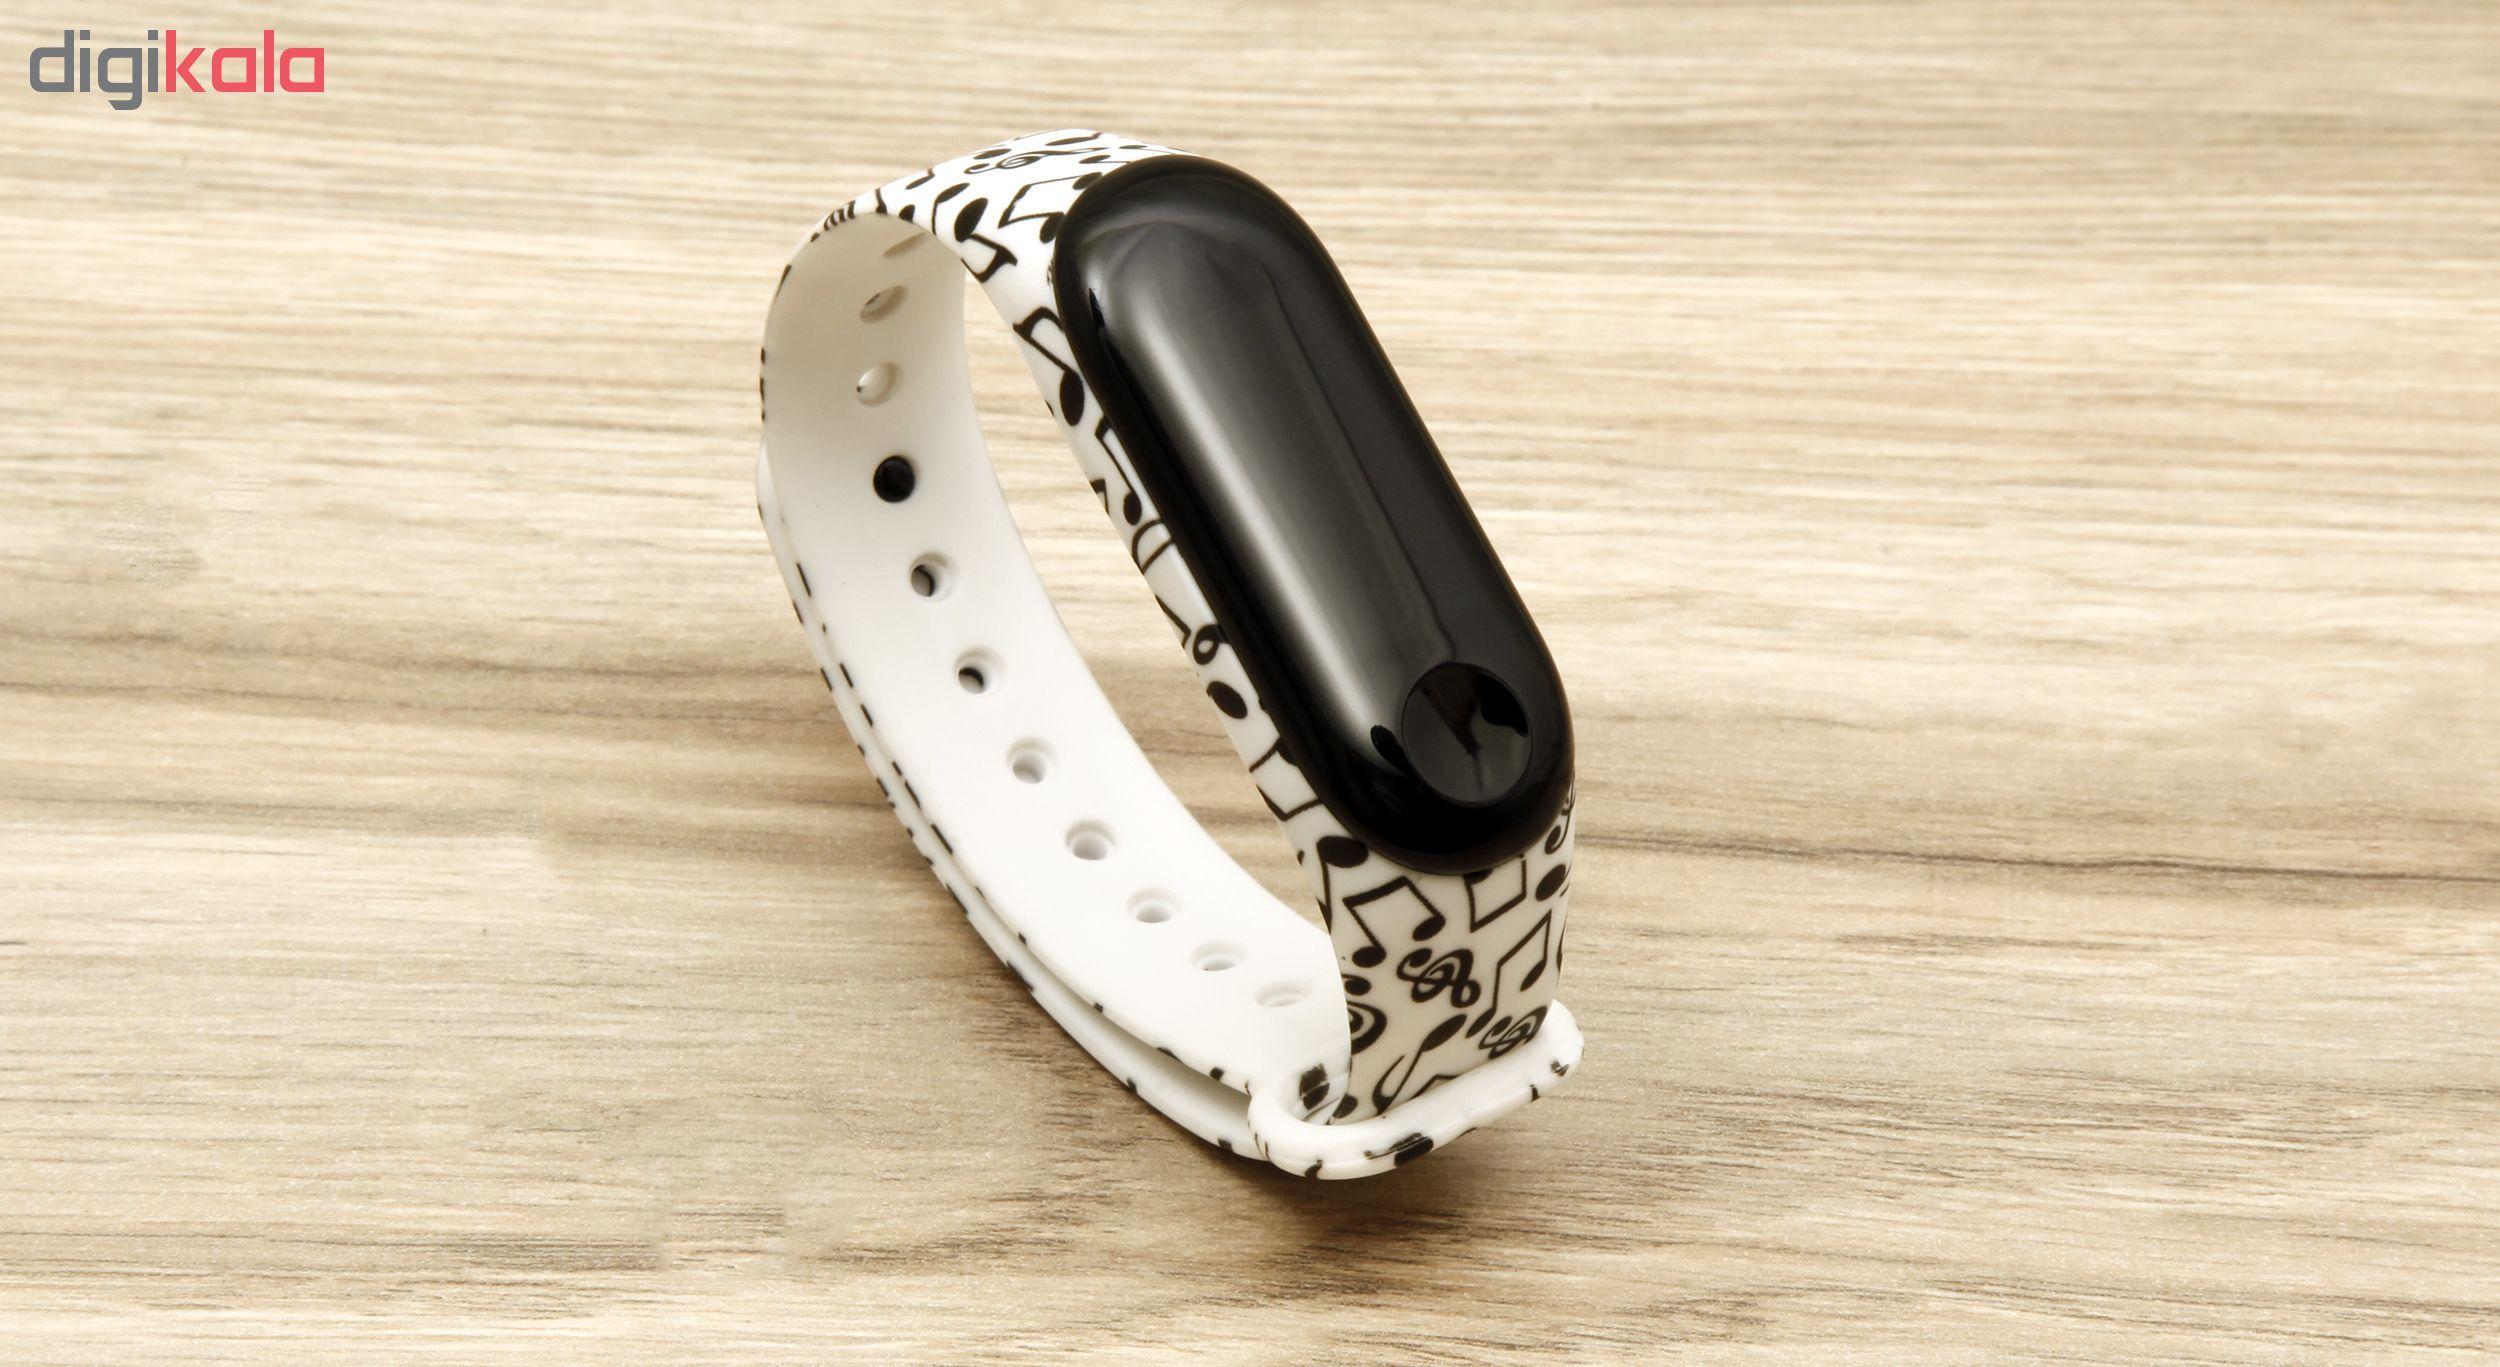 بند مچ بند هوشمند سومگ مدل SMG-13 مناسب برای مچ بند هوشمند شیائومی Mi Band 3 و M3 main 1 2